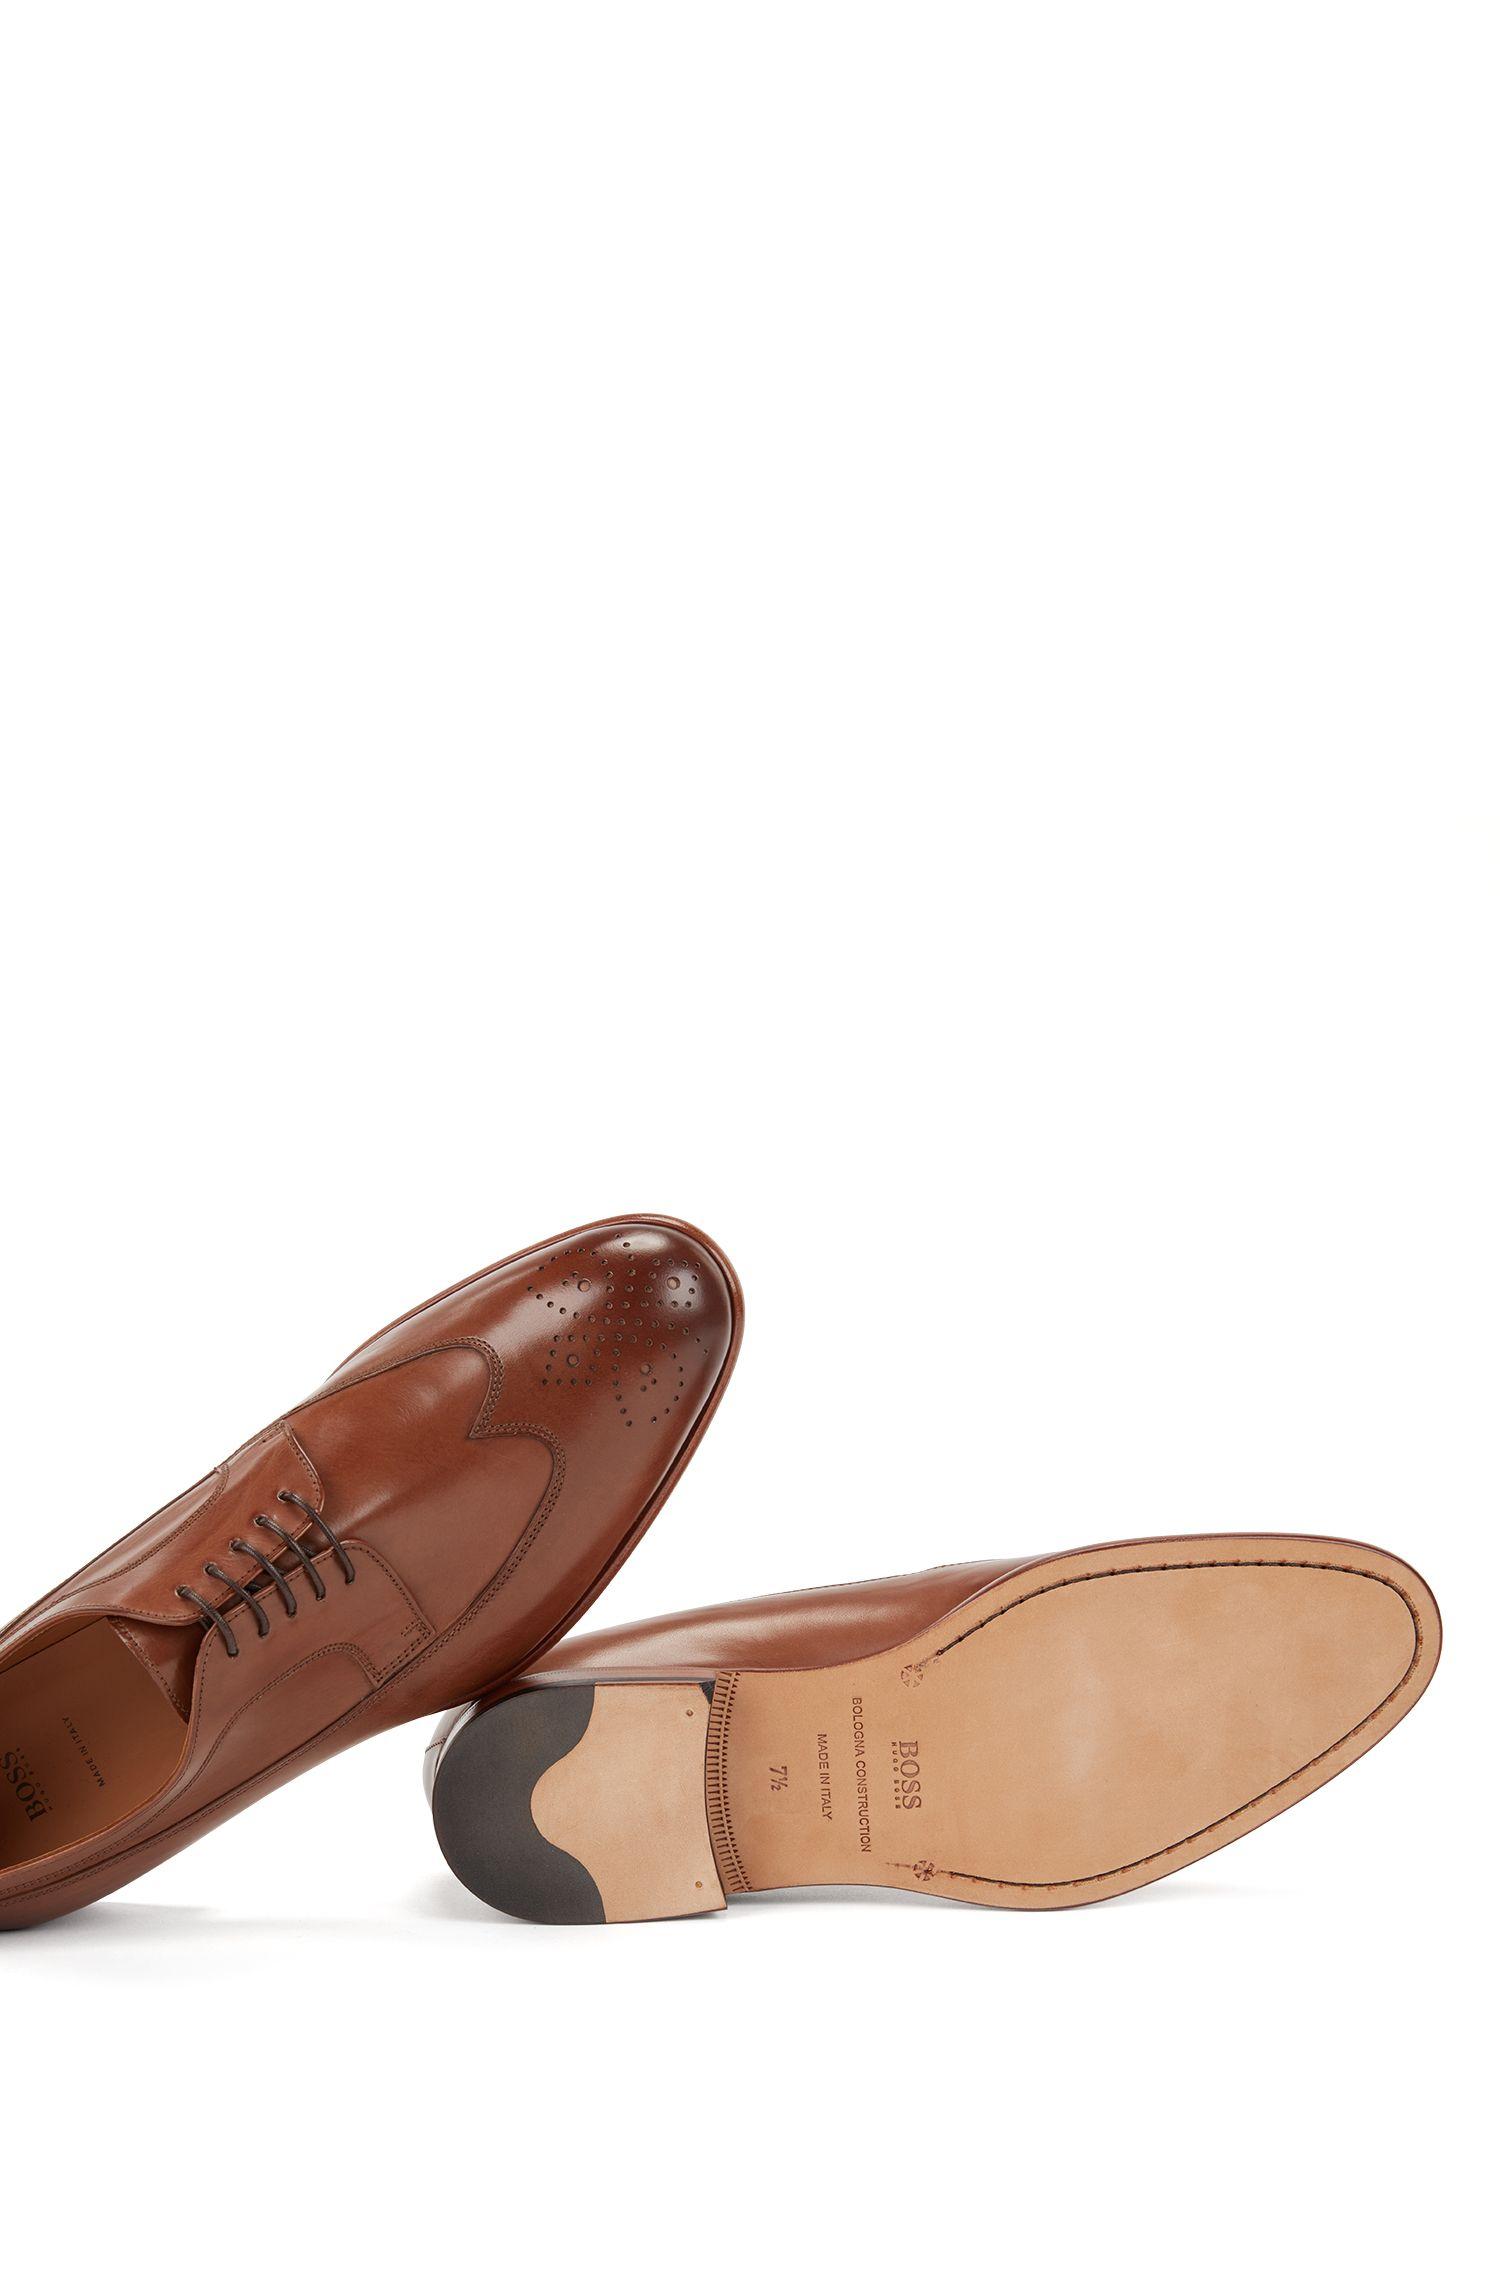 Scarpe derby in pelle con dettagli brogue